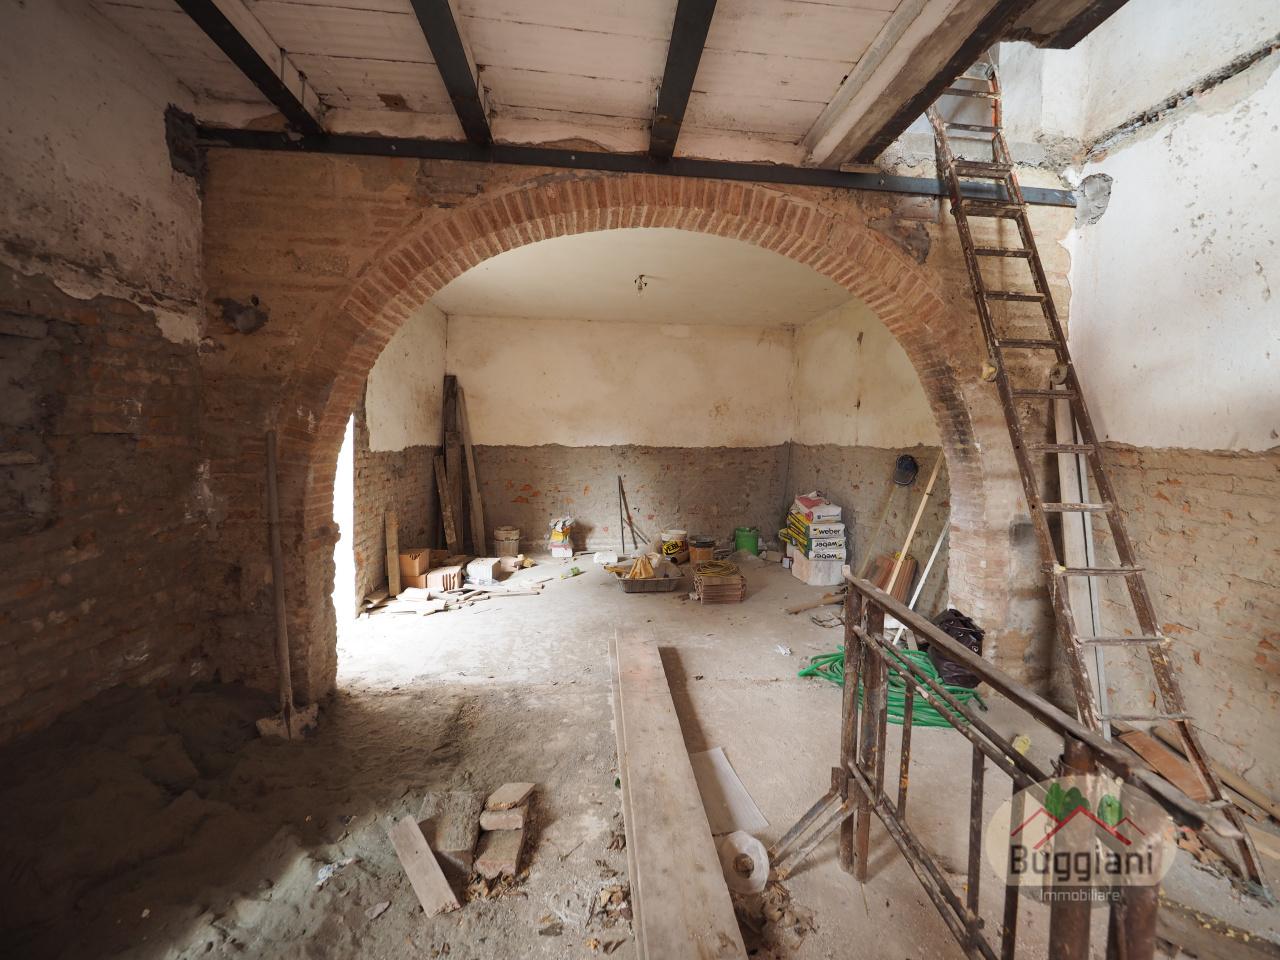 Casale in vendita RIF. 1733, San Miniato (PI)